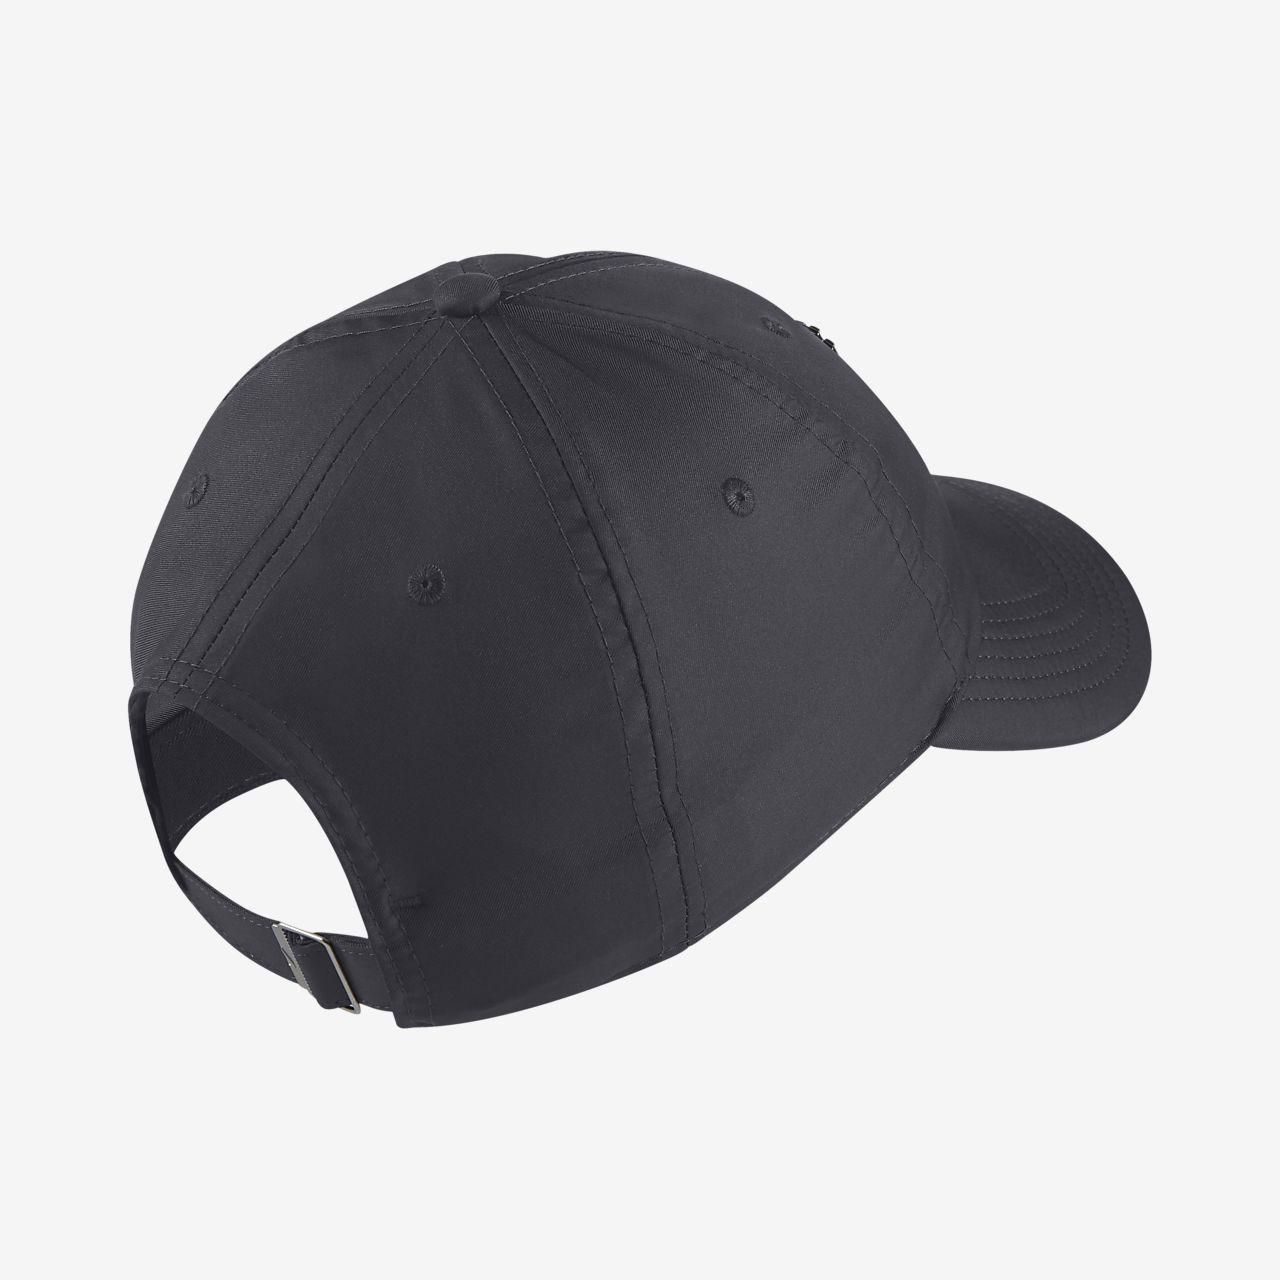 220aad7f02ddd Nike Kyrie Heritage 86 QS Adjustable Hat